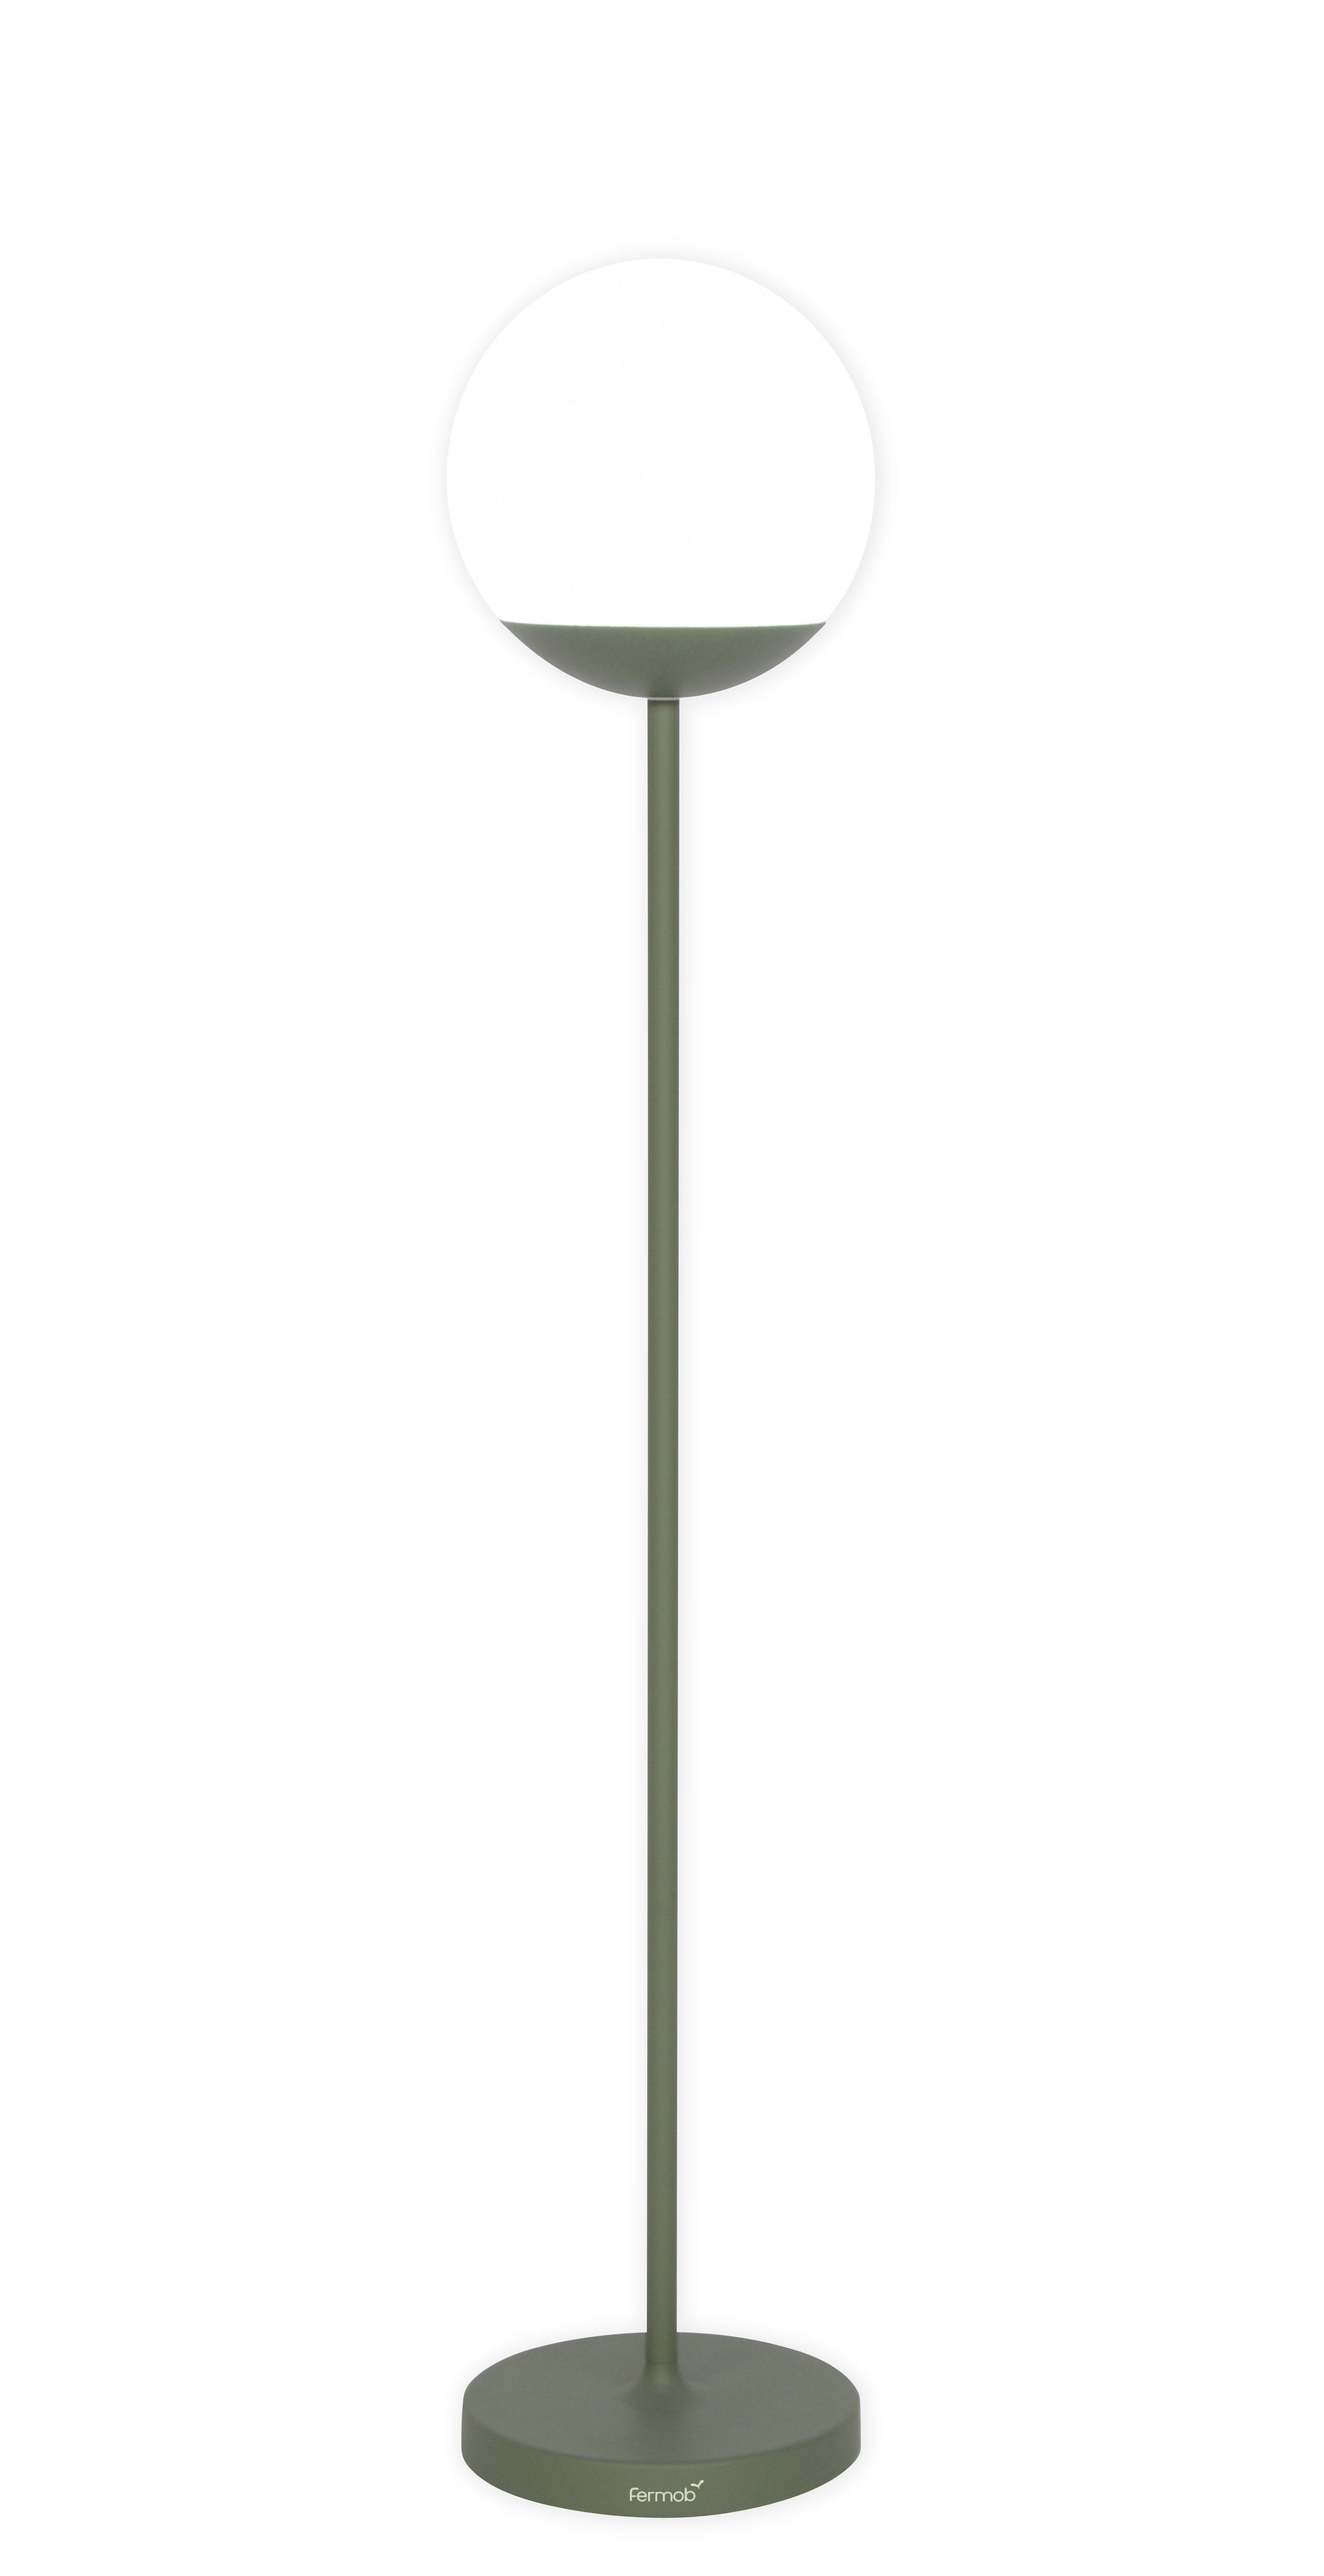 Luminaire - Lampadaires - Lampadaire sans fil Mooon! LED / H 134 cm - Recharge secteur - Fermob - Cactus - Aluminium, Polyéthylène